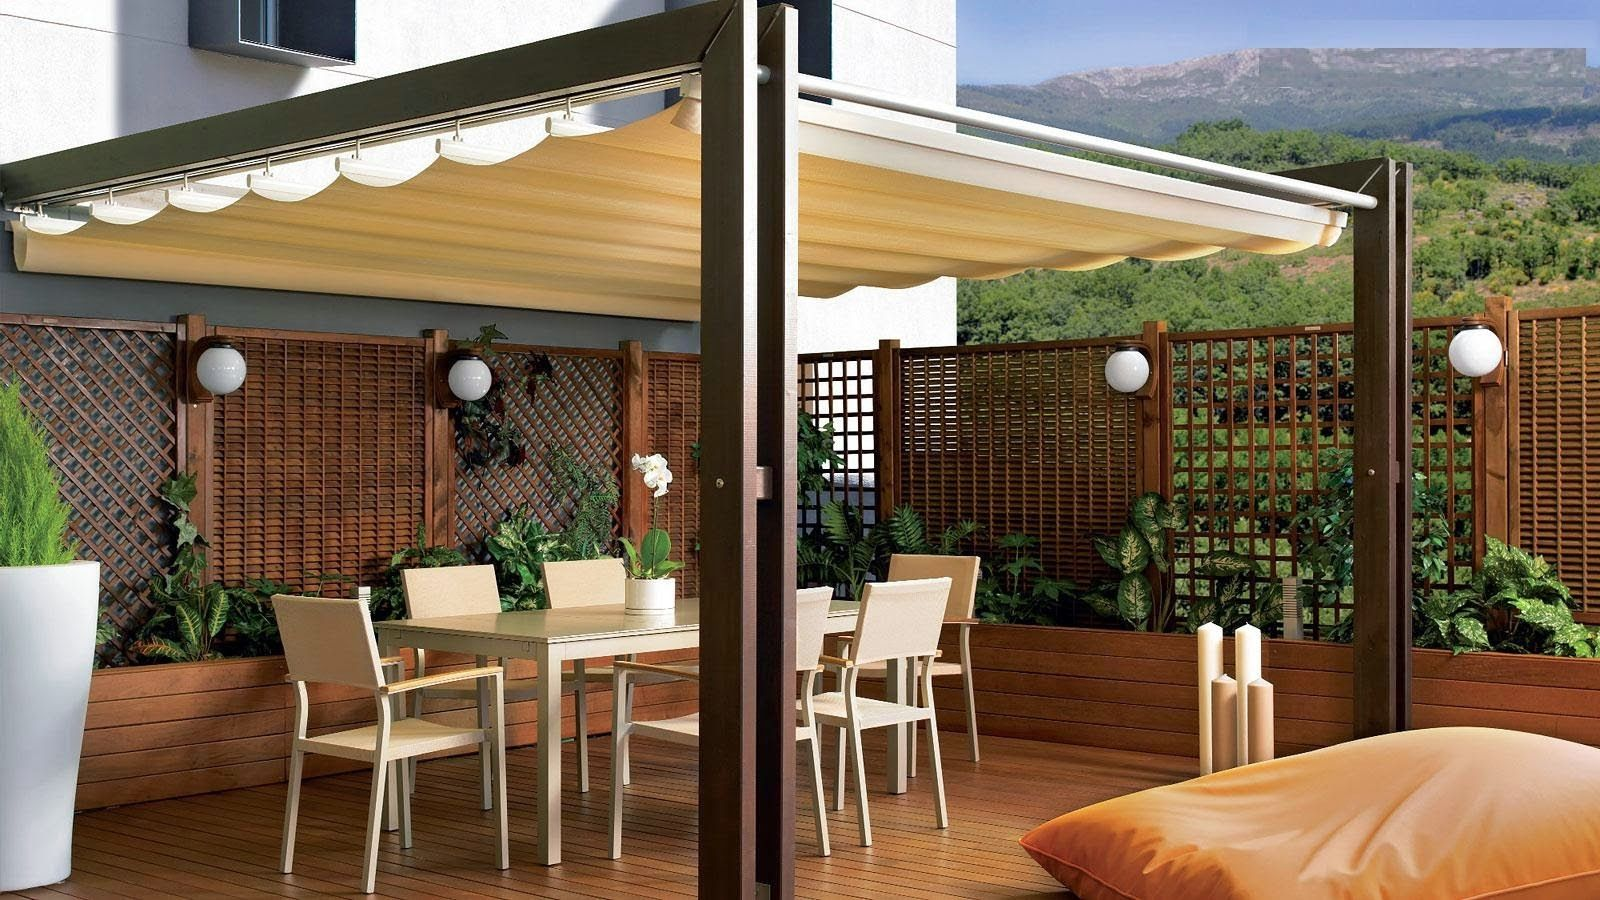 Consejos Para Decorar Jardines En Terrazas Y Balcones Tendencia - Pergolas-en-terrazas